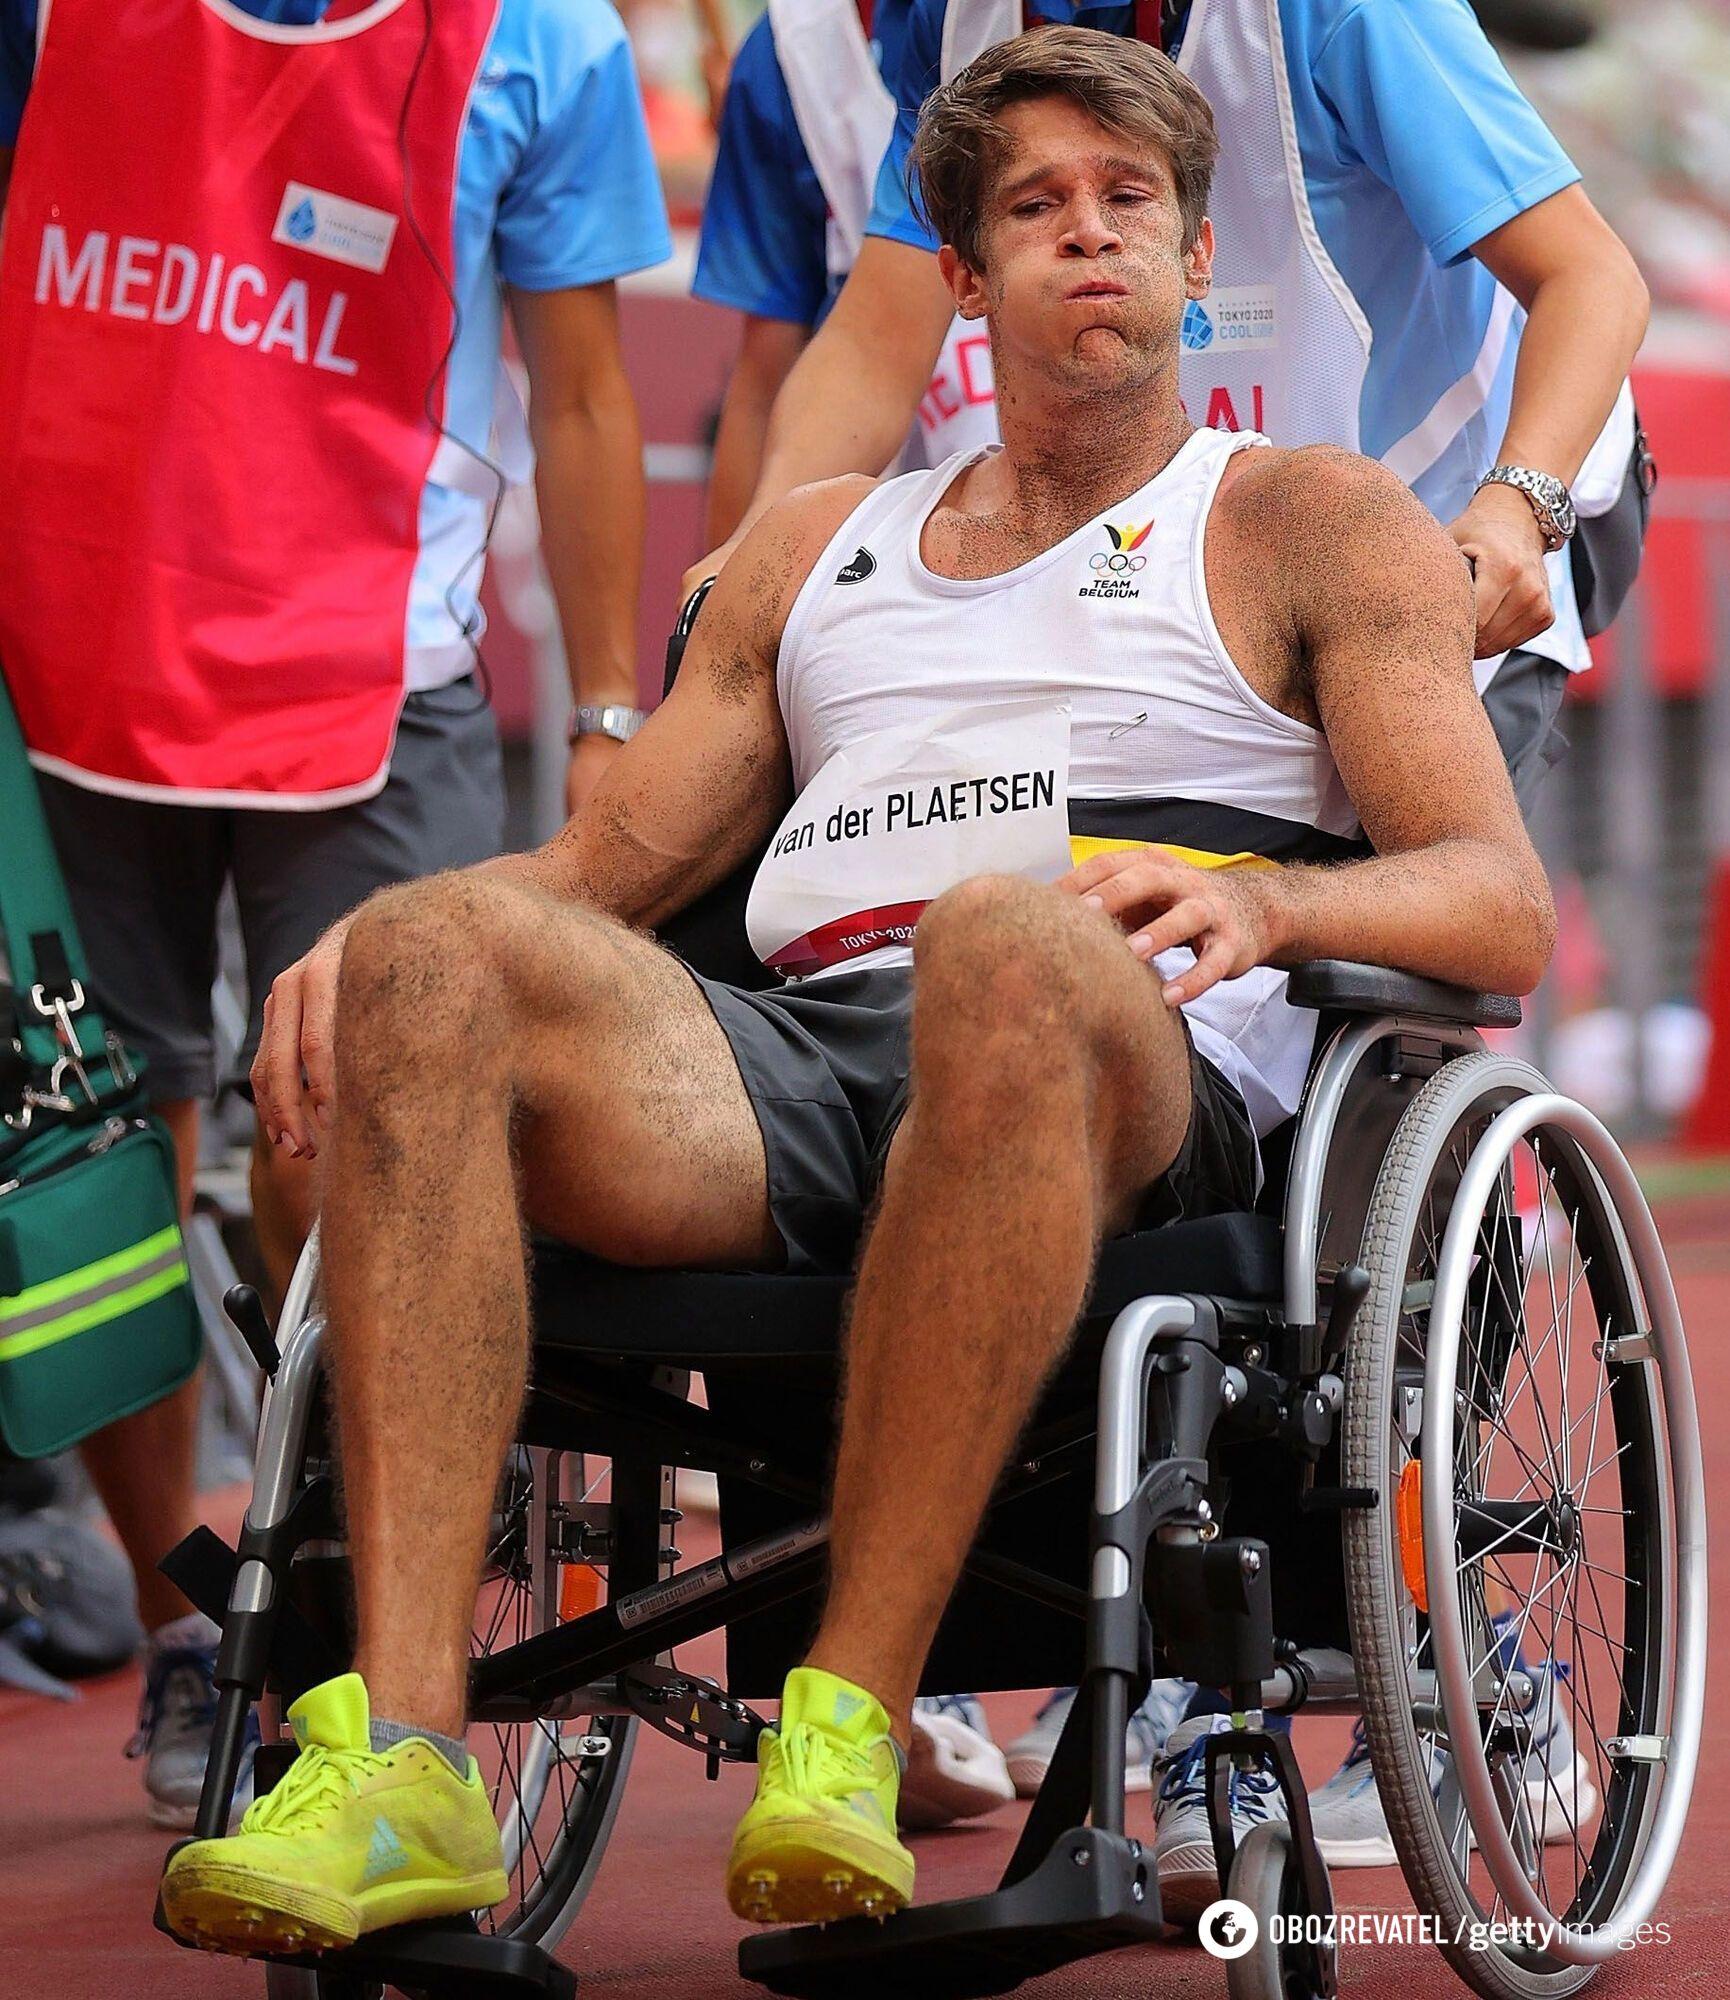 Томас ван дер Платсен покинул стадион в инвалидной коляске